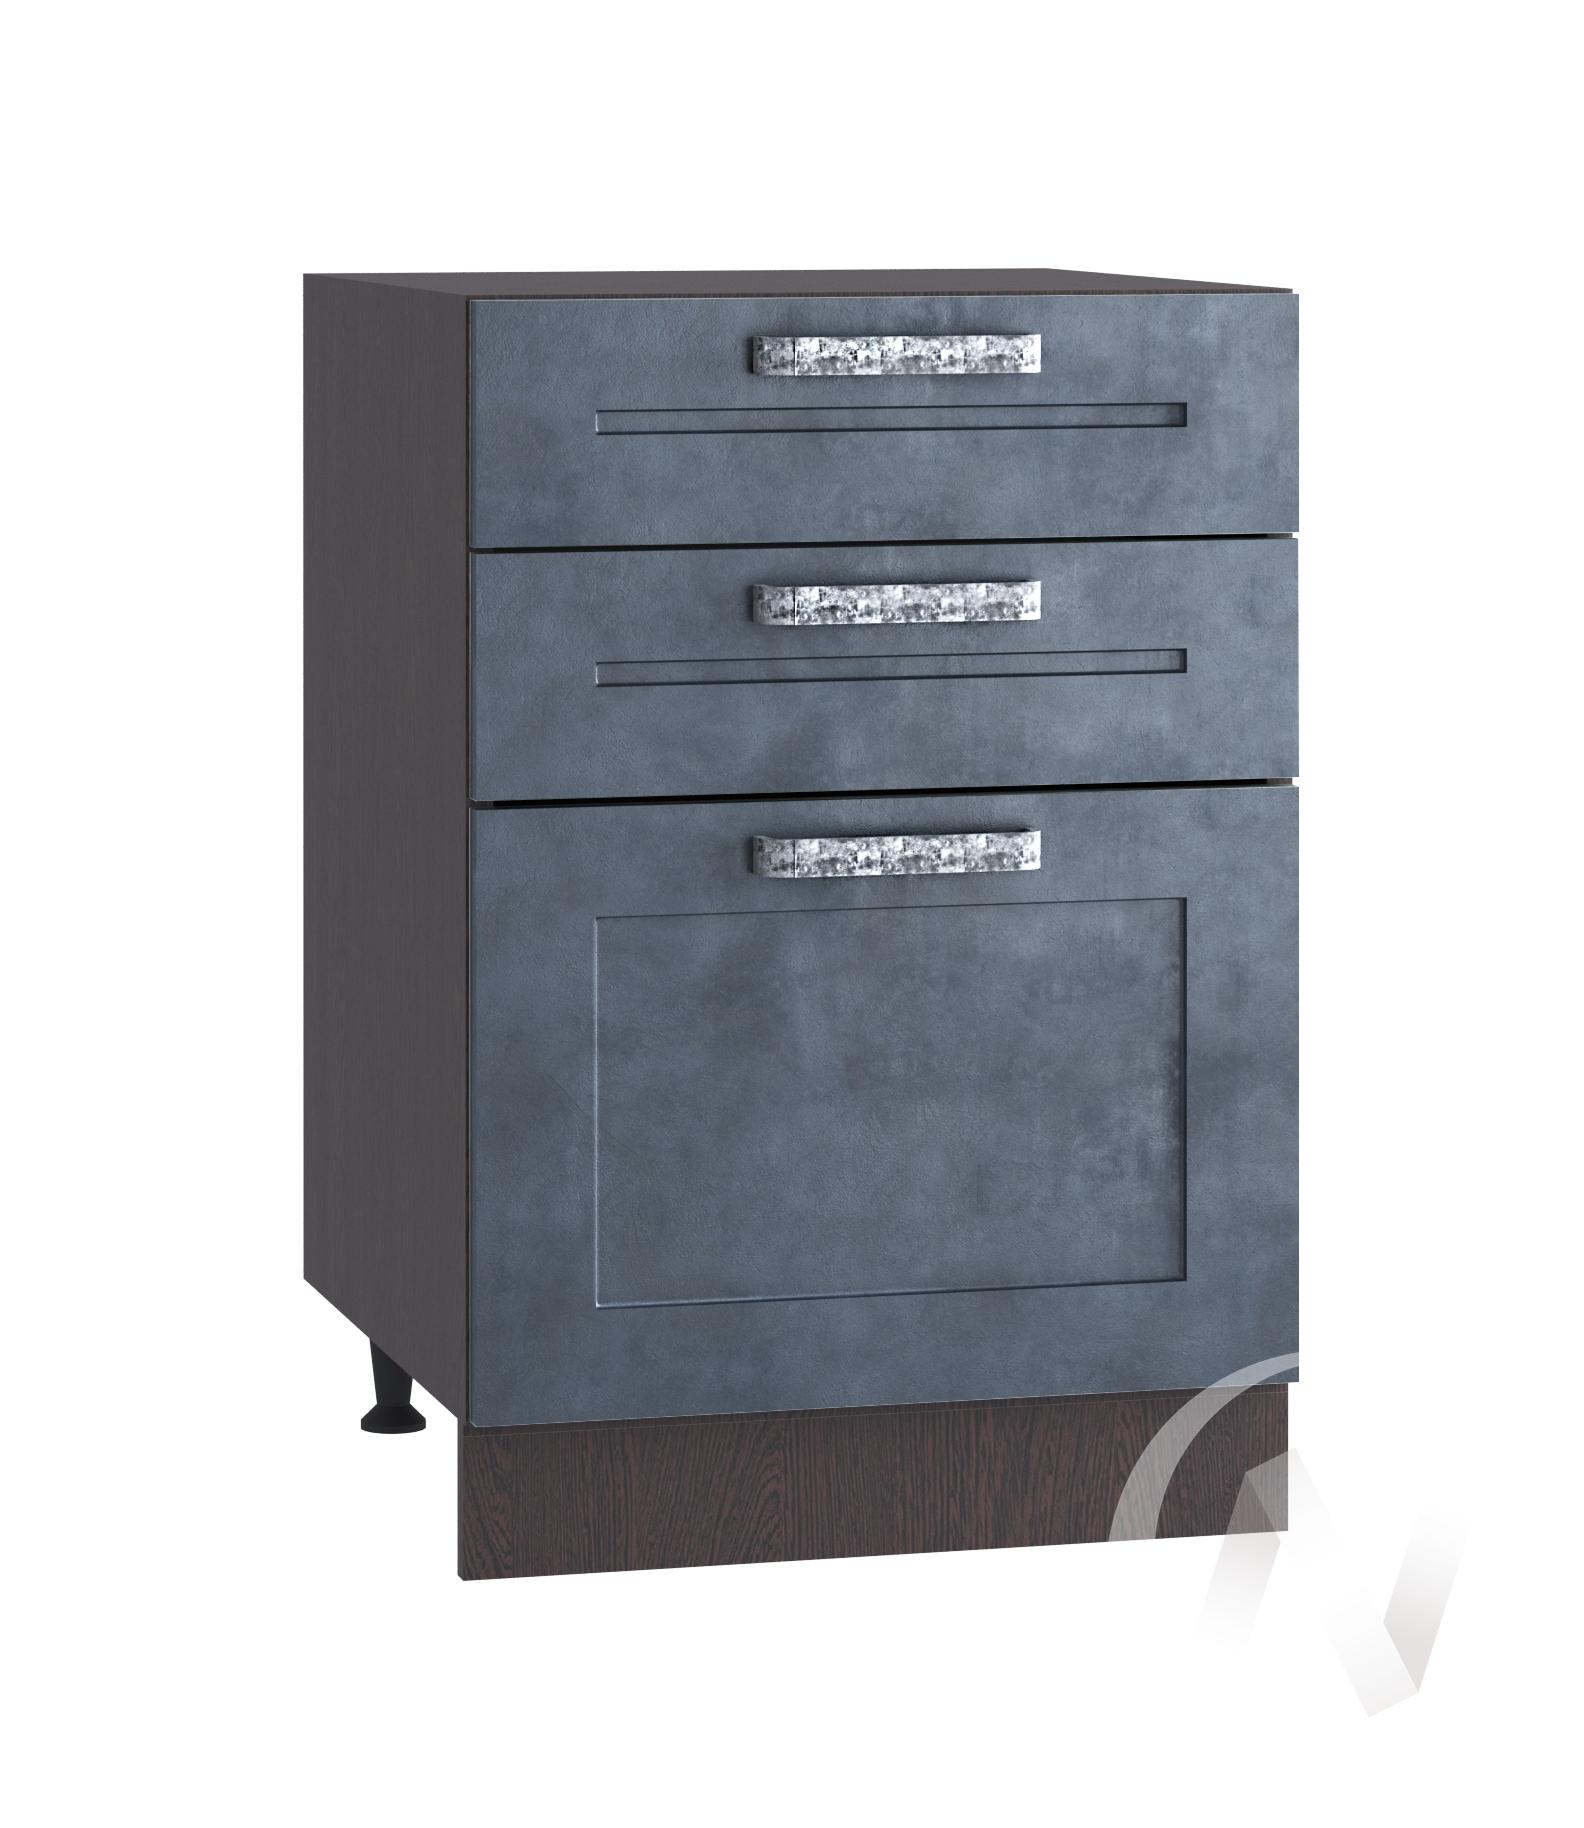 """Кухня """"Лофт"""": Шкаф нижний с 3-мя ящиками 500, ШН3Я 500 (Бетон графит/корпус венге)"""